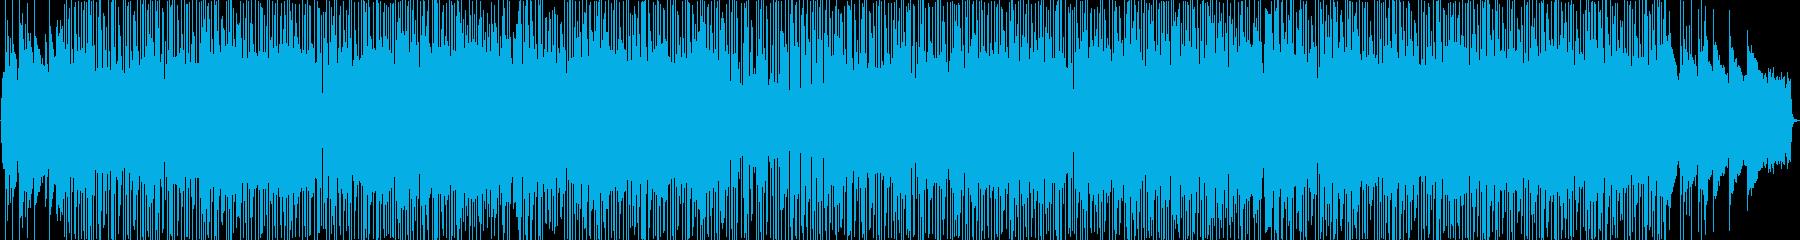 オルガンが印象的なファンキーなJpopの再生済みの波形